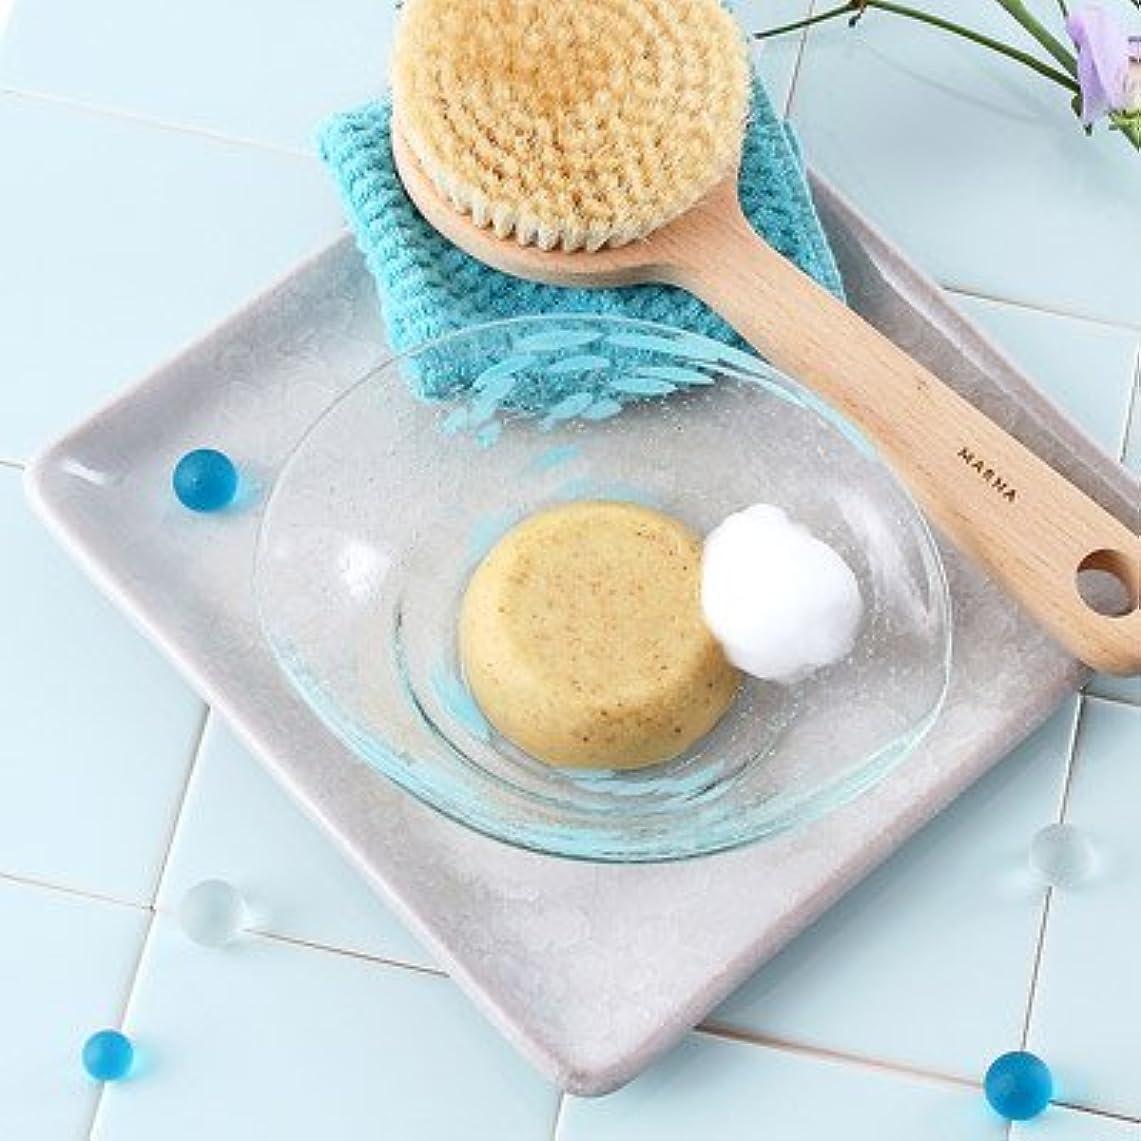 エレベーター数値スクラッチフルーツ30品や蜂蜜で作られた石鹸 38プレミアム